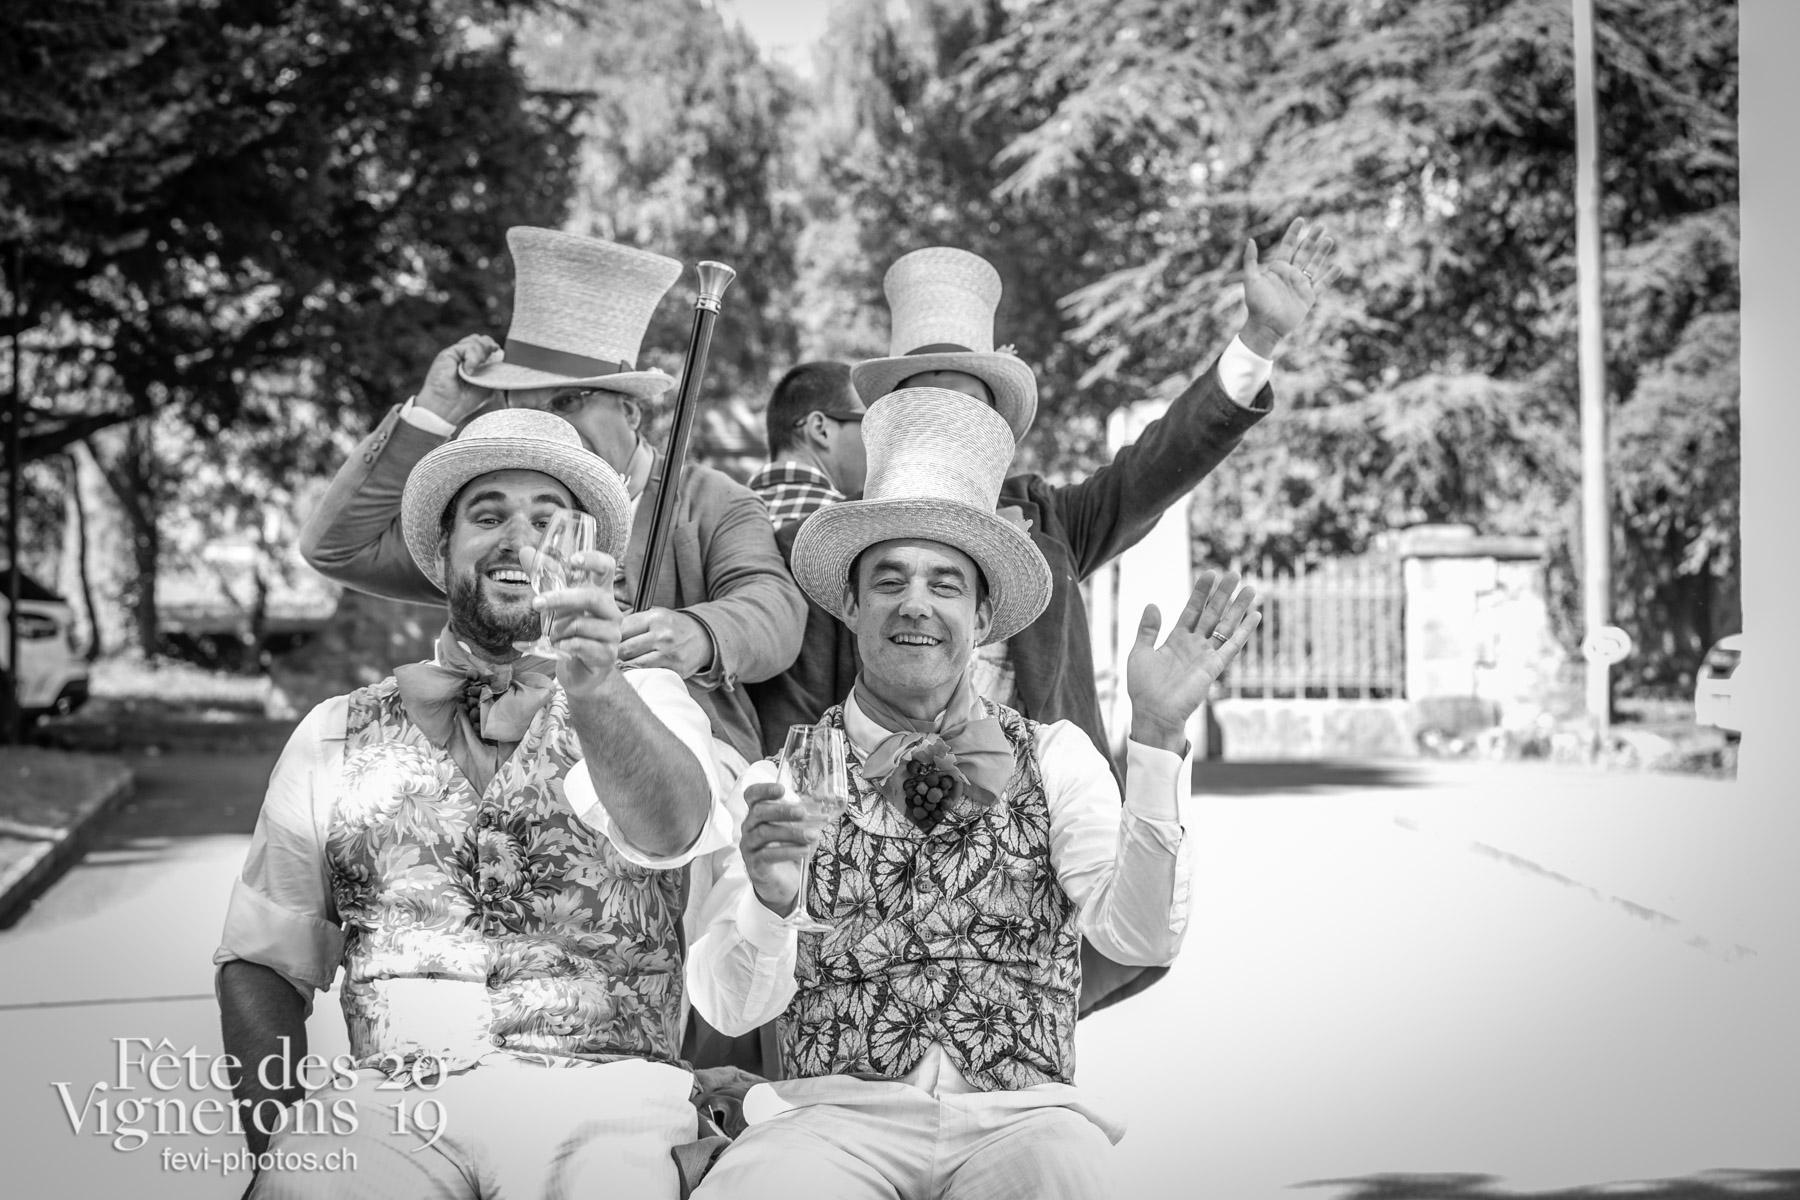 08-03_portraits&divers_confrerie_JulieM-4873 - Vignerons primés. Photographes de la Fête des Vignerons 2019